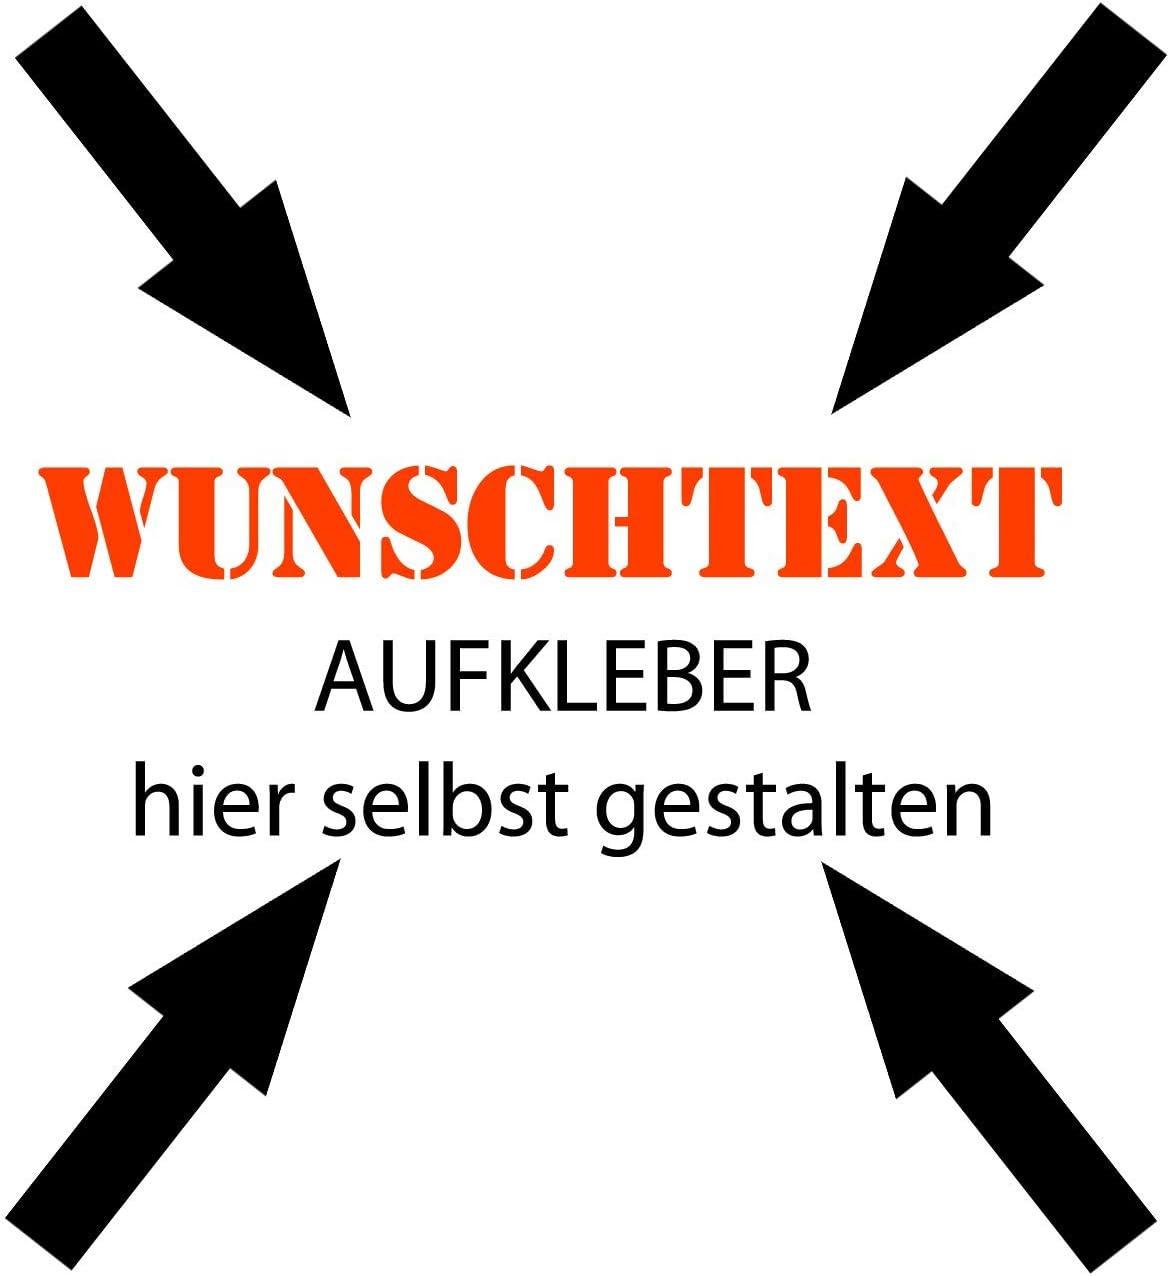 10cm Beschriftung Wunschtext Aufkleber Sticker Text Individuell Selbst Gestalten Auto